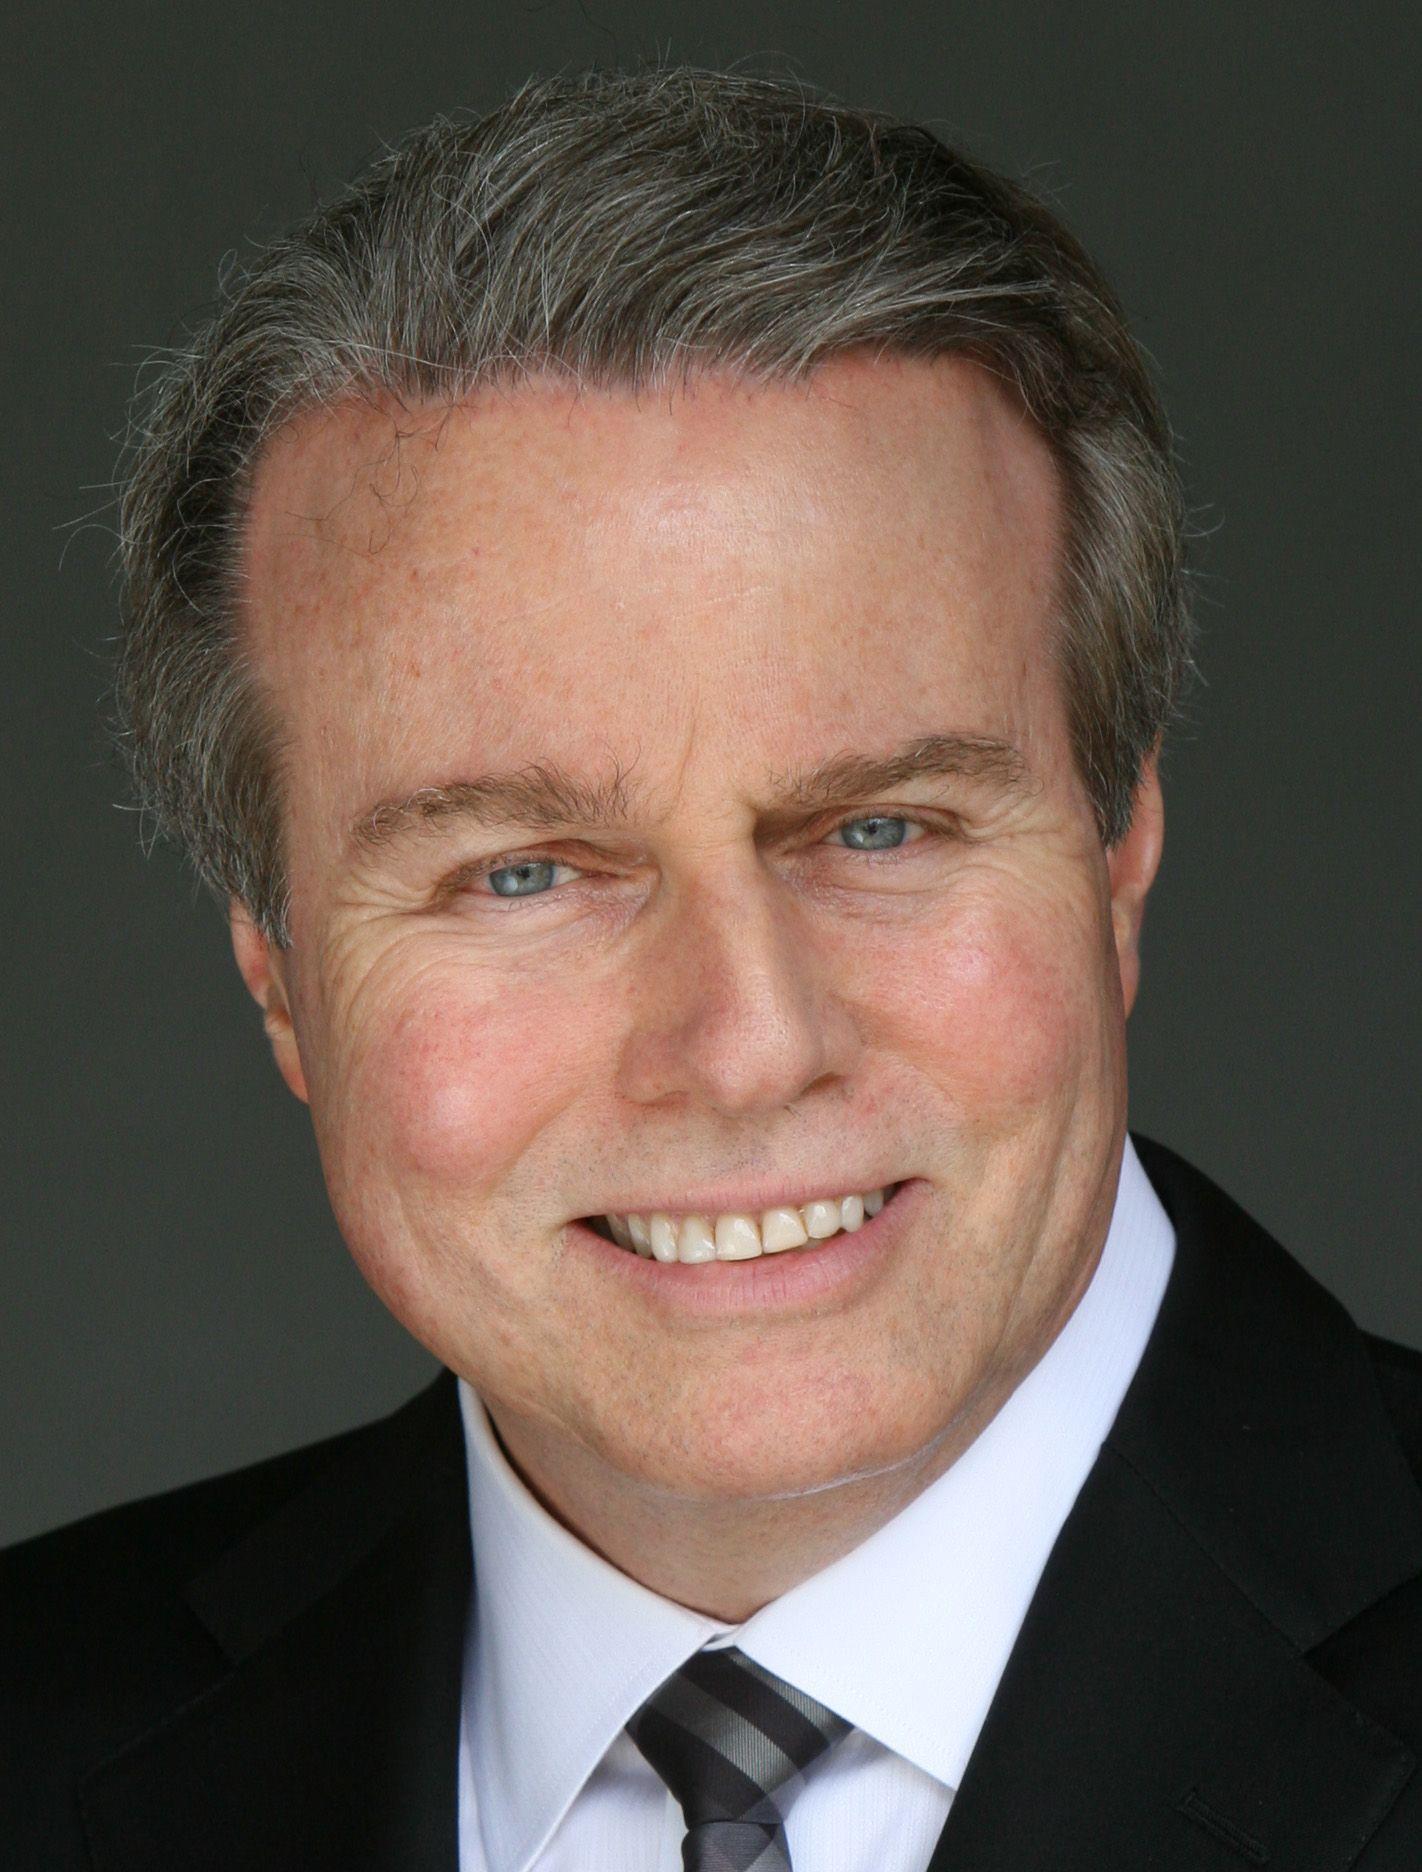 Jim Wambach